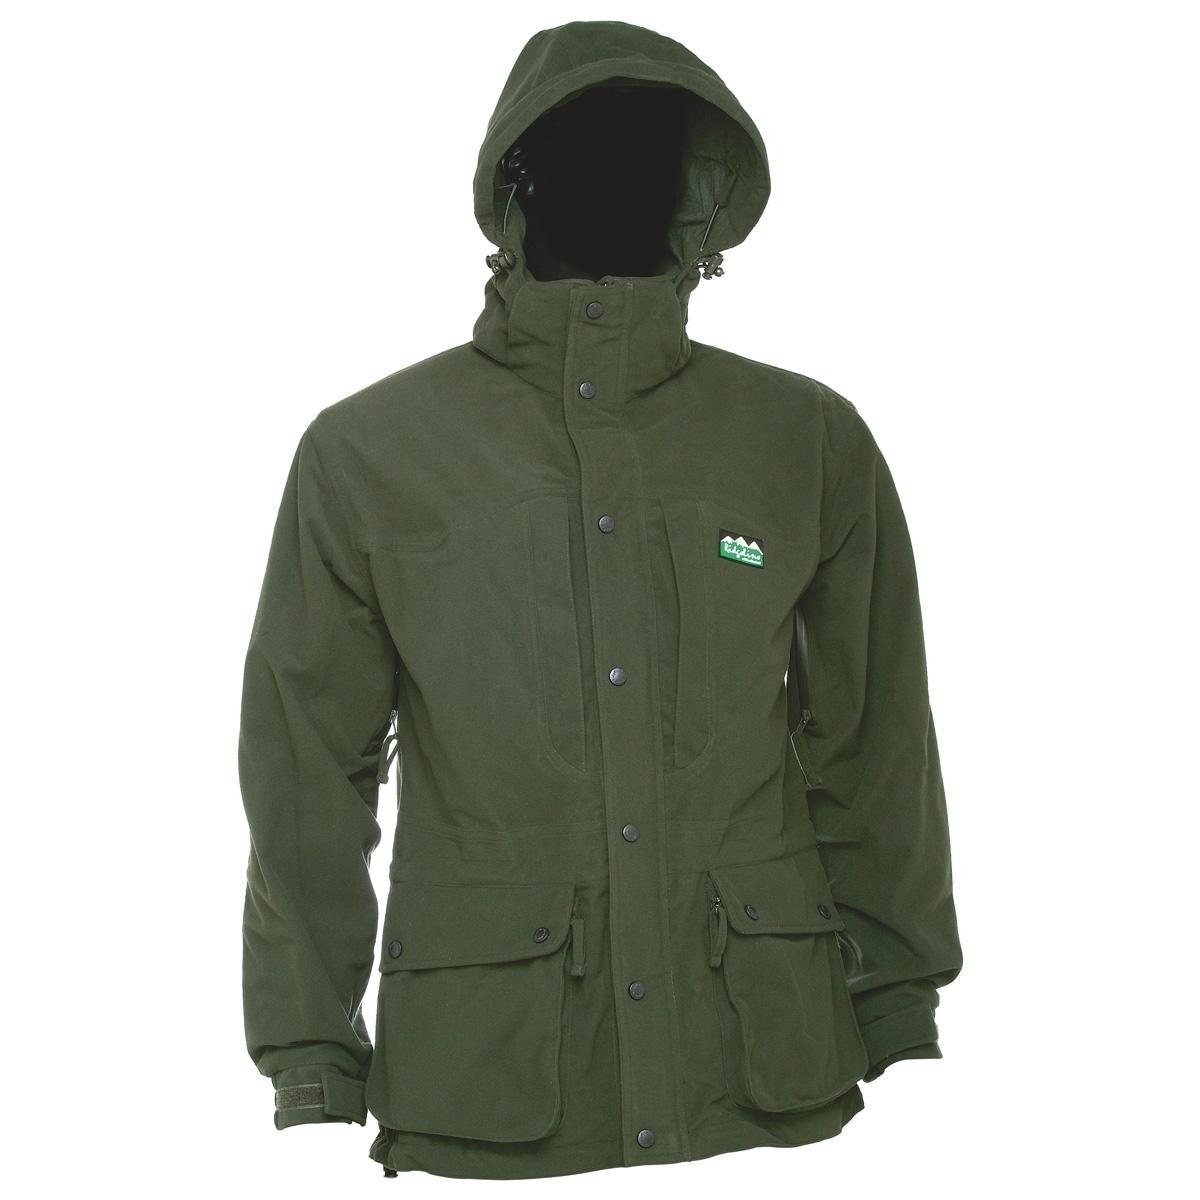 Image of Ridgeline Torrent Euro Jacket - Olive